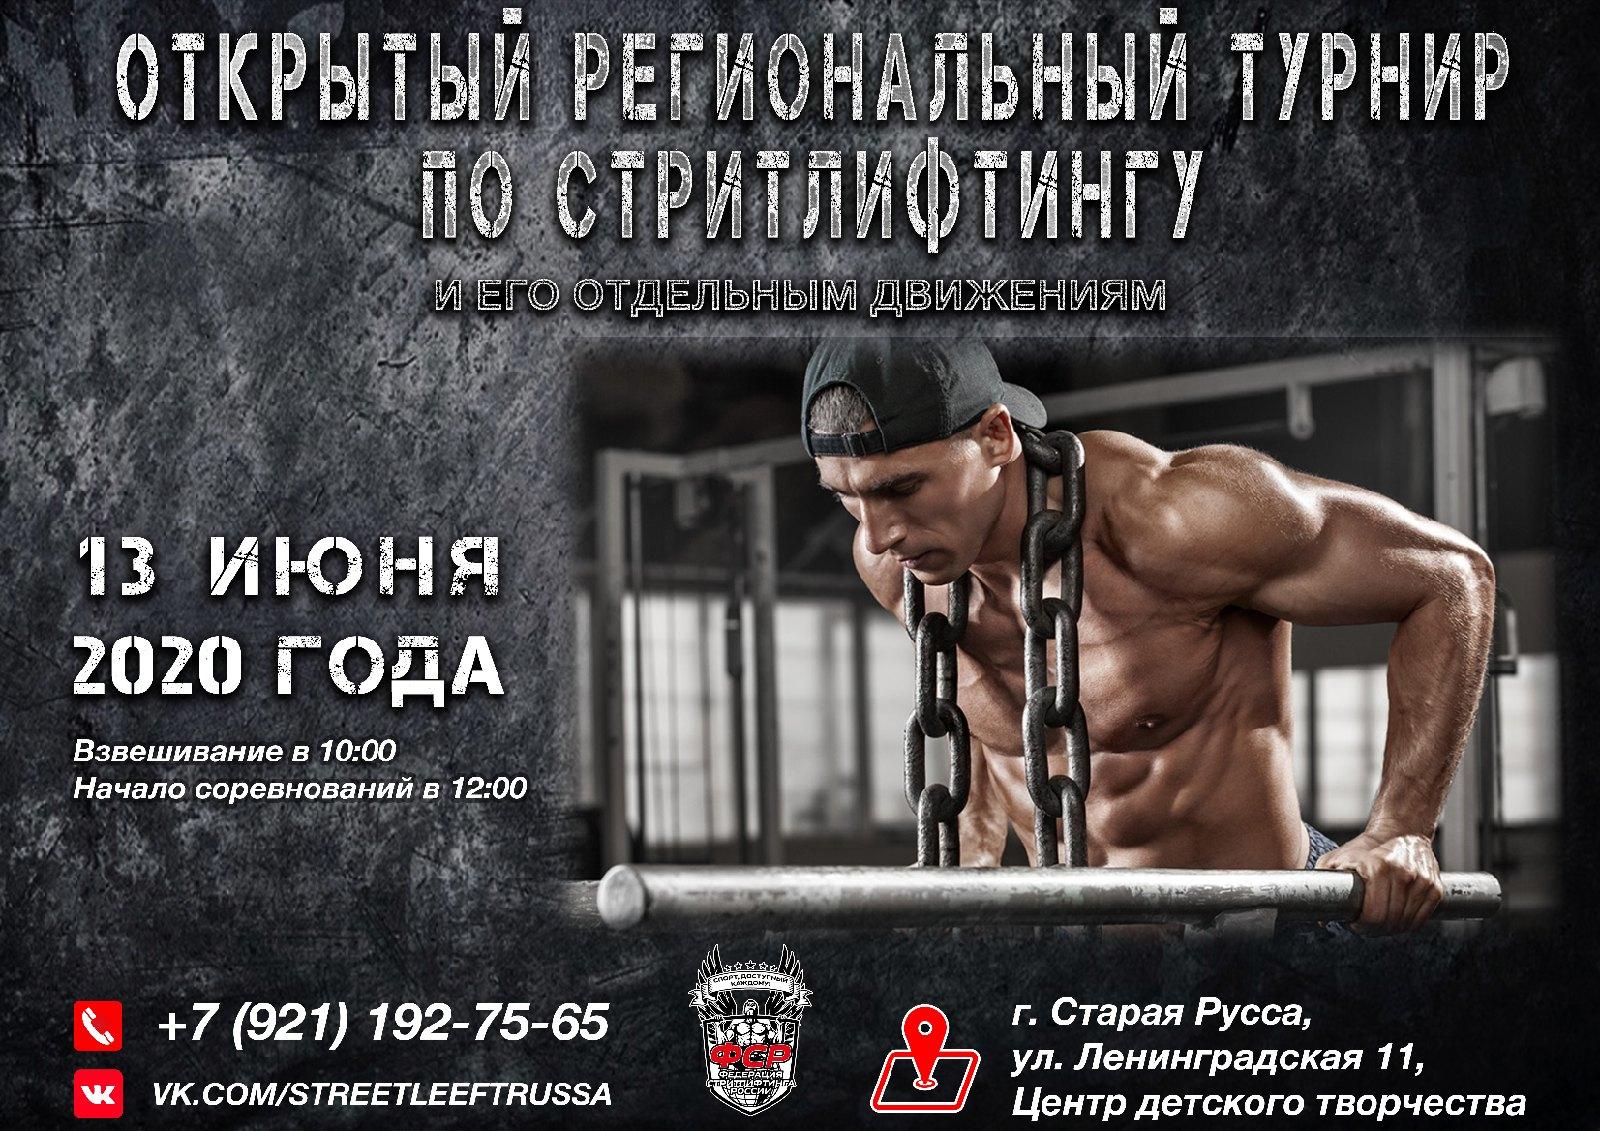 13 июня 2020 – Открытый региональный турнир по стритлифтингу, г. Старая Русса, Новгородская область